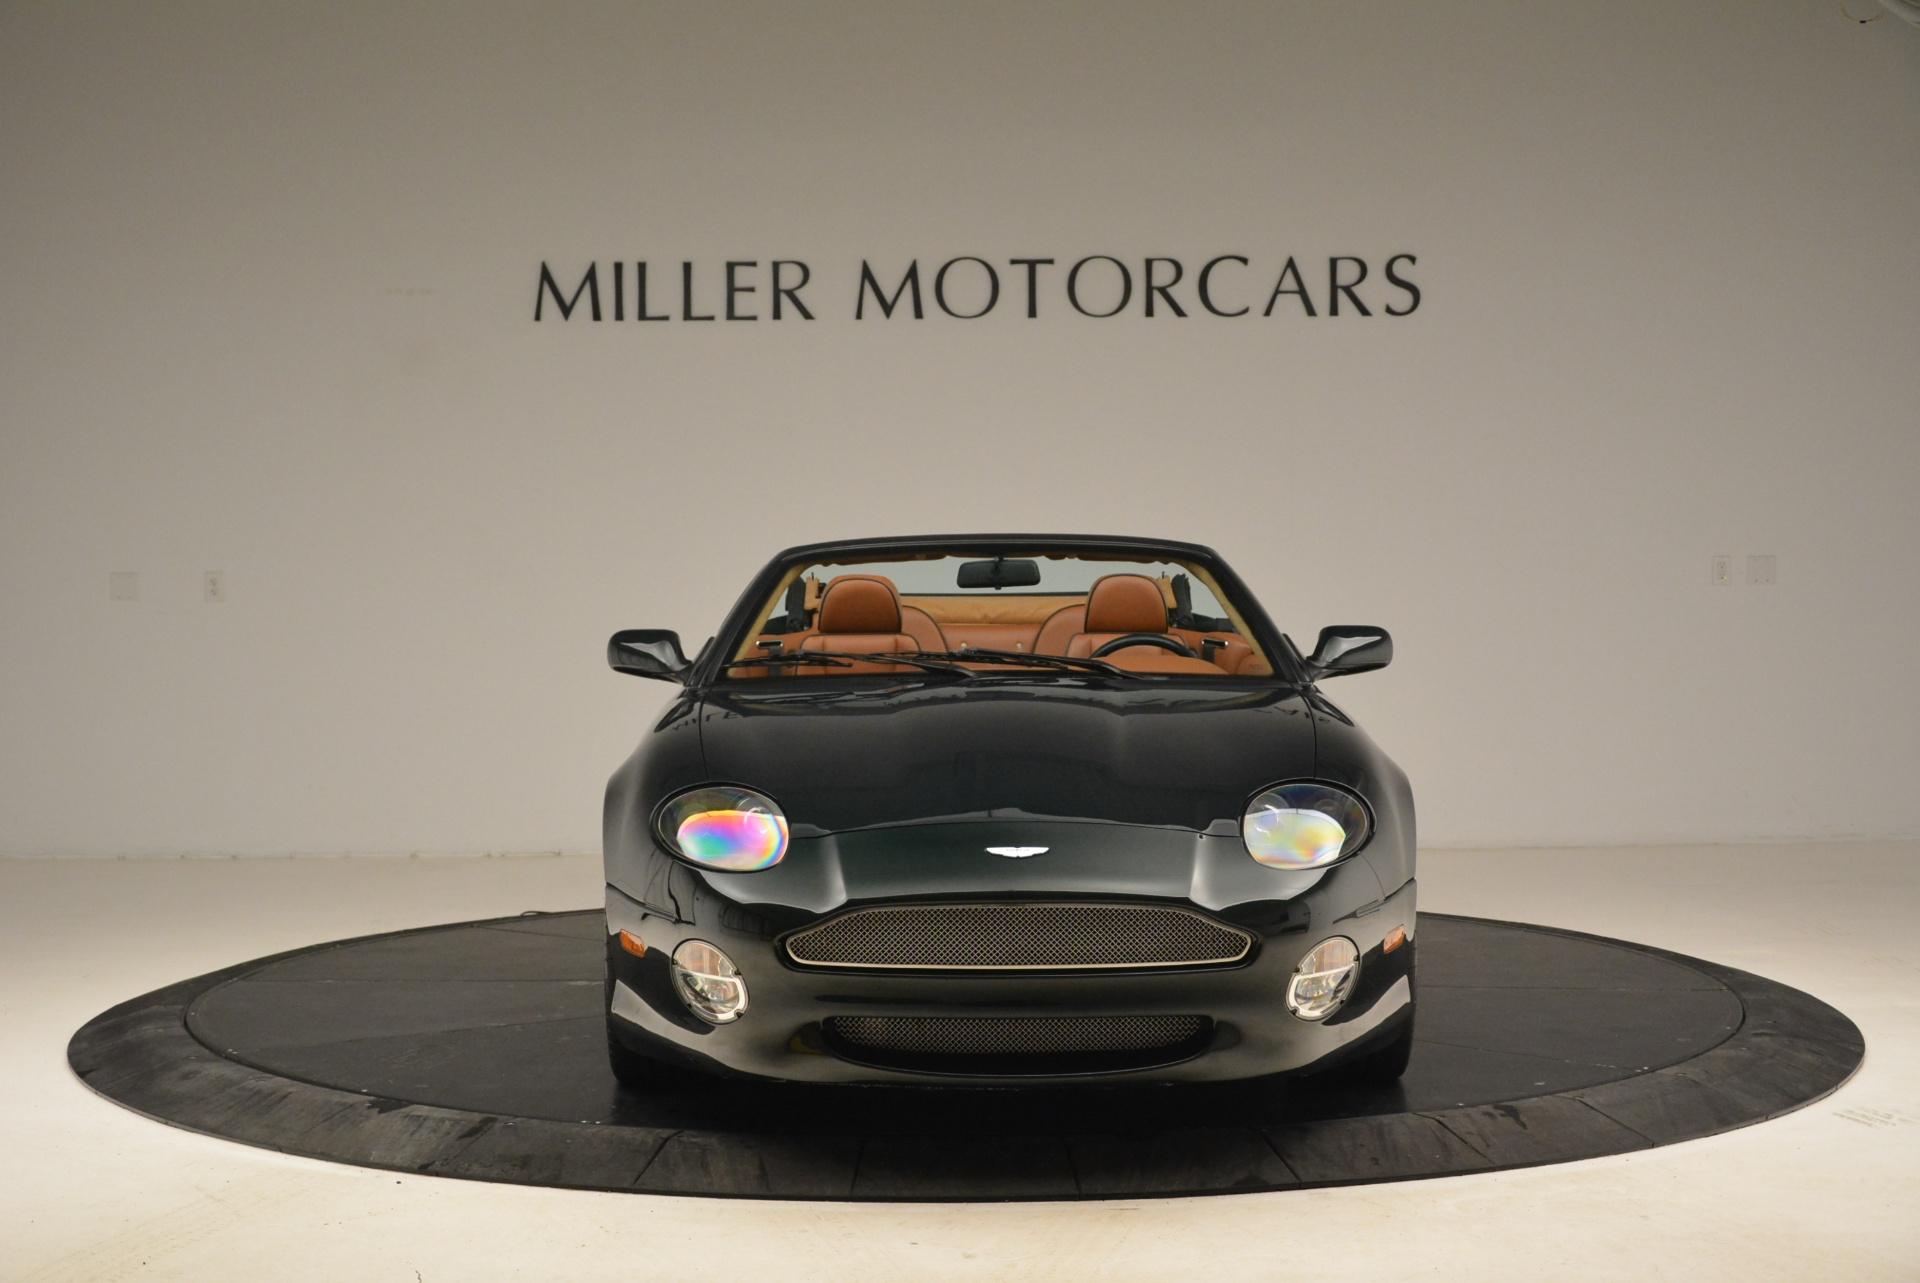 Used 2003 Aston Martin DB7 Vantage Volante For Sale In Greenwich, CT 2084_p12